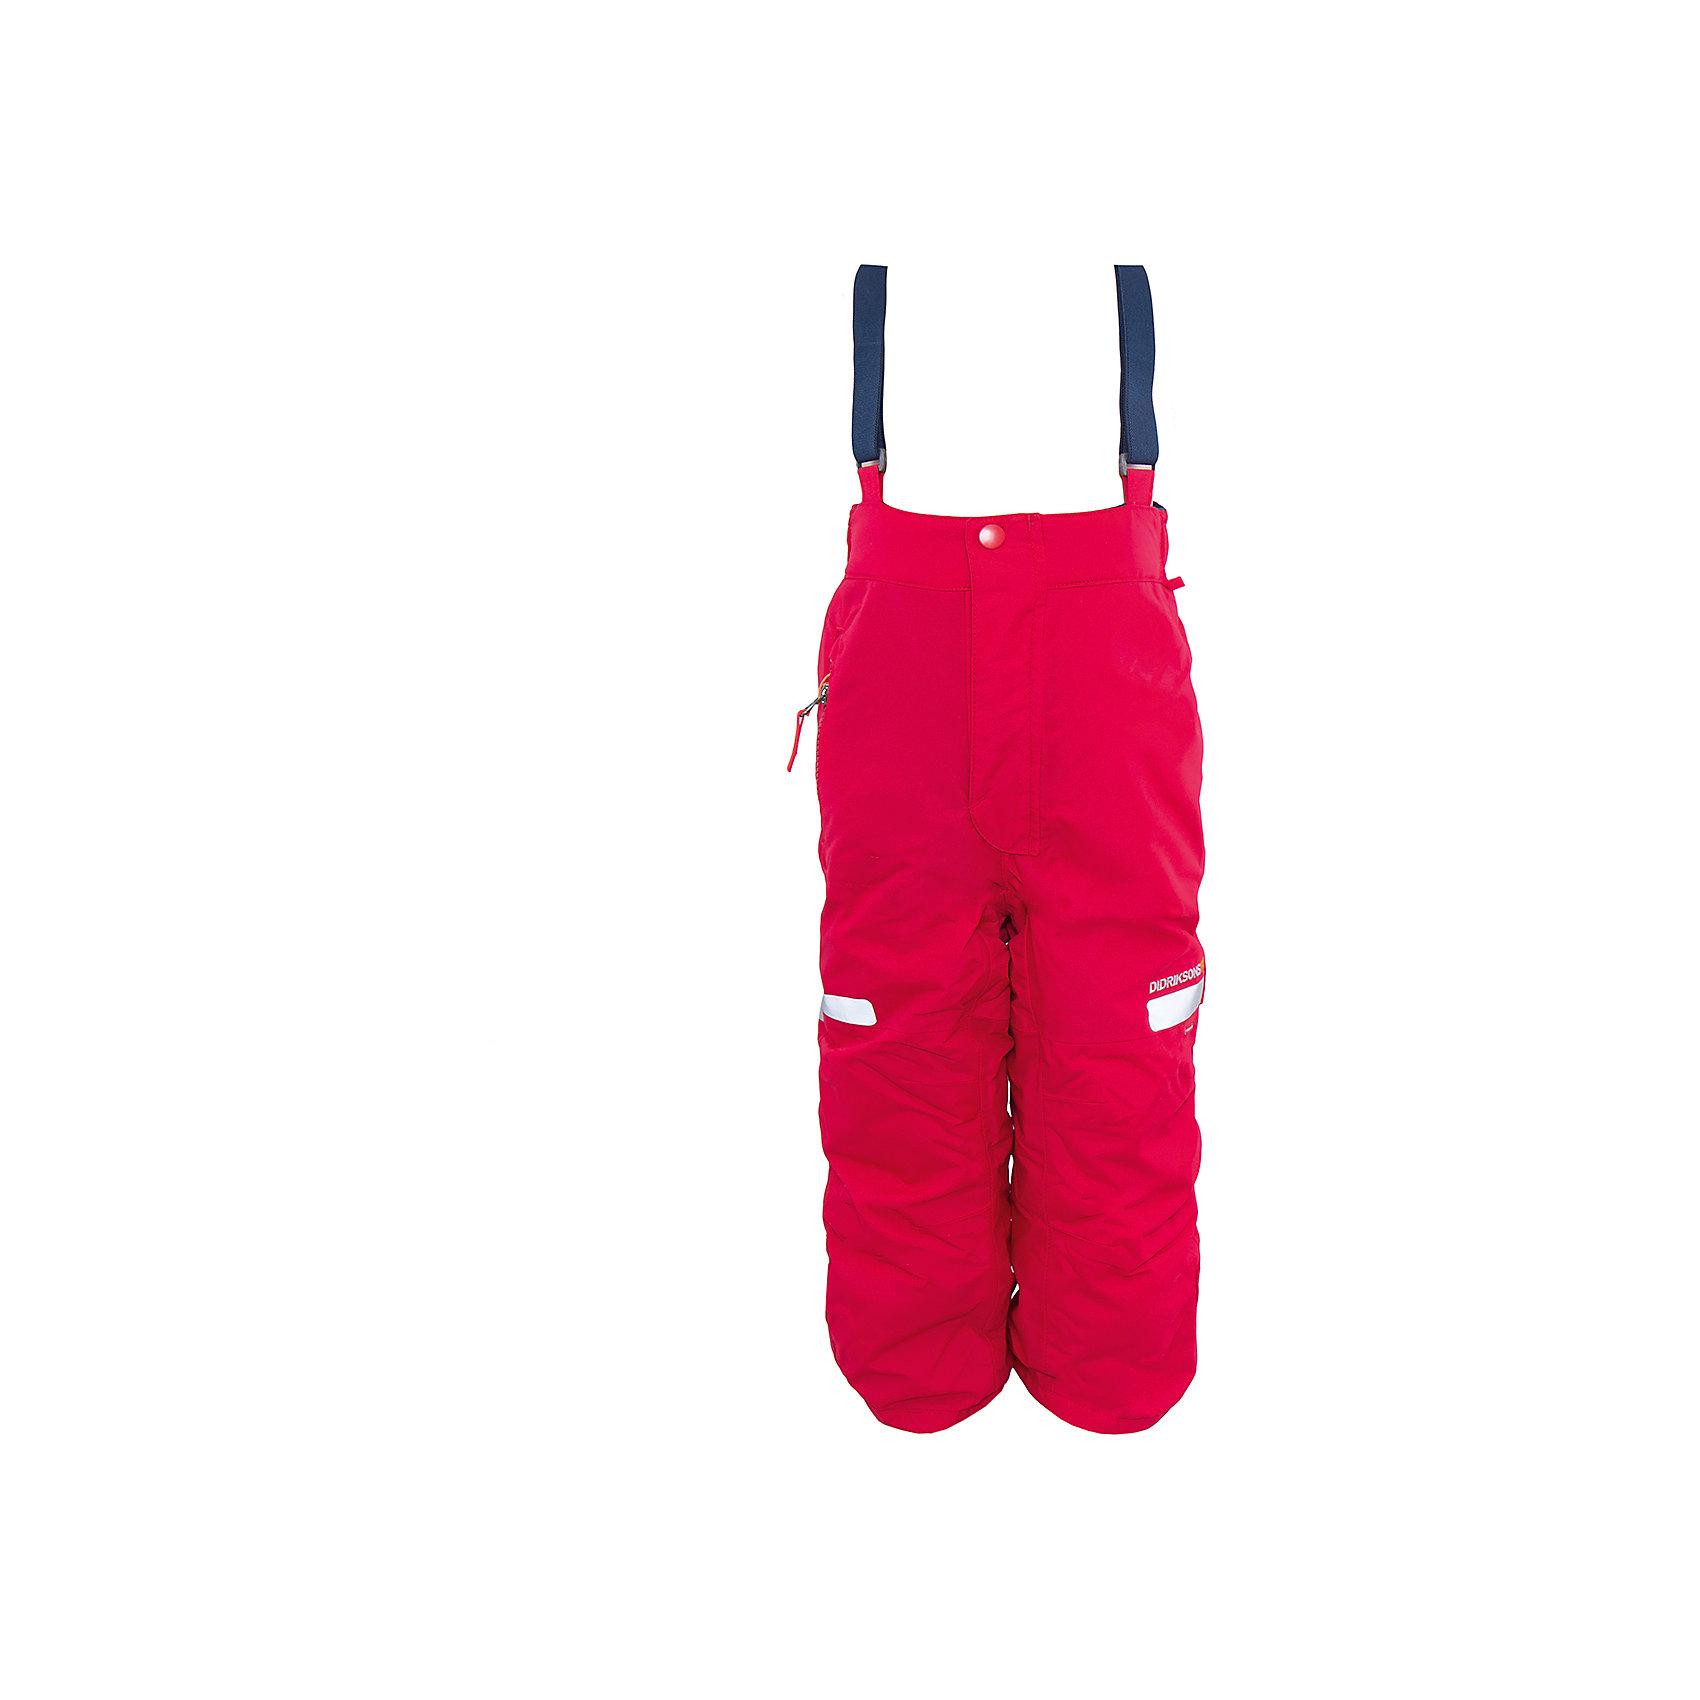 Брюки Amitola для девочки DIDRIKSONSВерхняя одежда<br>Характеристики товара:<br><br>• цвет: розовый<br>• материал: 100% полиамид, подкладка 100% полиэстер<br>• утеплитель: 120 г/м<br>• сезон: зима<br>• температурный режим от +5 до -20С<br>• непромокаемая и непродуваемая мембранная ткань<br>• резинки для ботинок<br>• дополнительная пропитка верха<br>• прокленные швы<br>• талия и низ штанин регулируется<br>• внутренние гетры<br>• ширинка на молнии<br>• фиксированные лямки<br>• светоотражающие детали<br>• можно увеличить длину штанин на один размер <br>• страна бренда: Швеция<br>• страна производства: Китай<br><br>Такие брюки незаменимы в холодную и сырую погоду! Это не только стильно, но еще и очень комфортно, а также тепло. Они обеспечат ребенку удобство при прогулках и активном отдыхе зимой. Брюки от шведского производителя легко трансформируются под рост ребенка и погодные условия.<br>Модель сшита из мембранной ткани, которая позволяет телу дышать, но при этом не промокает и не продувается. Очень стильная и удобная модель! Изделие качественно выполнено, сделано из безопасных для детей материалов. <br><br>Брюки для девочки от бренда DIDRIKSONS можно купить в нашем интернет-магазине.<br><br>Ширина мм: 215<br>Глубина мм: 88<br>Высота мм: 191<br>Вес г: 336<br>Цвет: розовый<br>Возраст от месяцев: 18<br>Возраст до месяцев: 24<br>Пол: Женский<br>Возраст: Детский<br>Размер: 90,100,80<br>SKU: 5003870